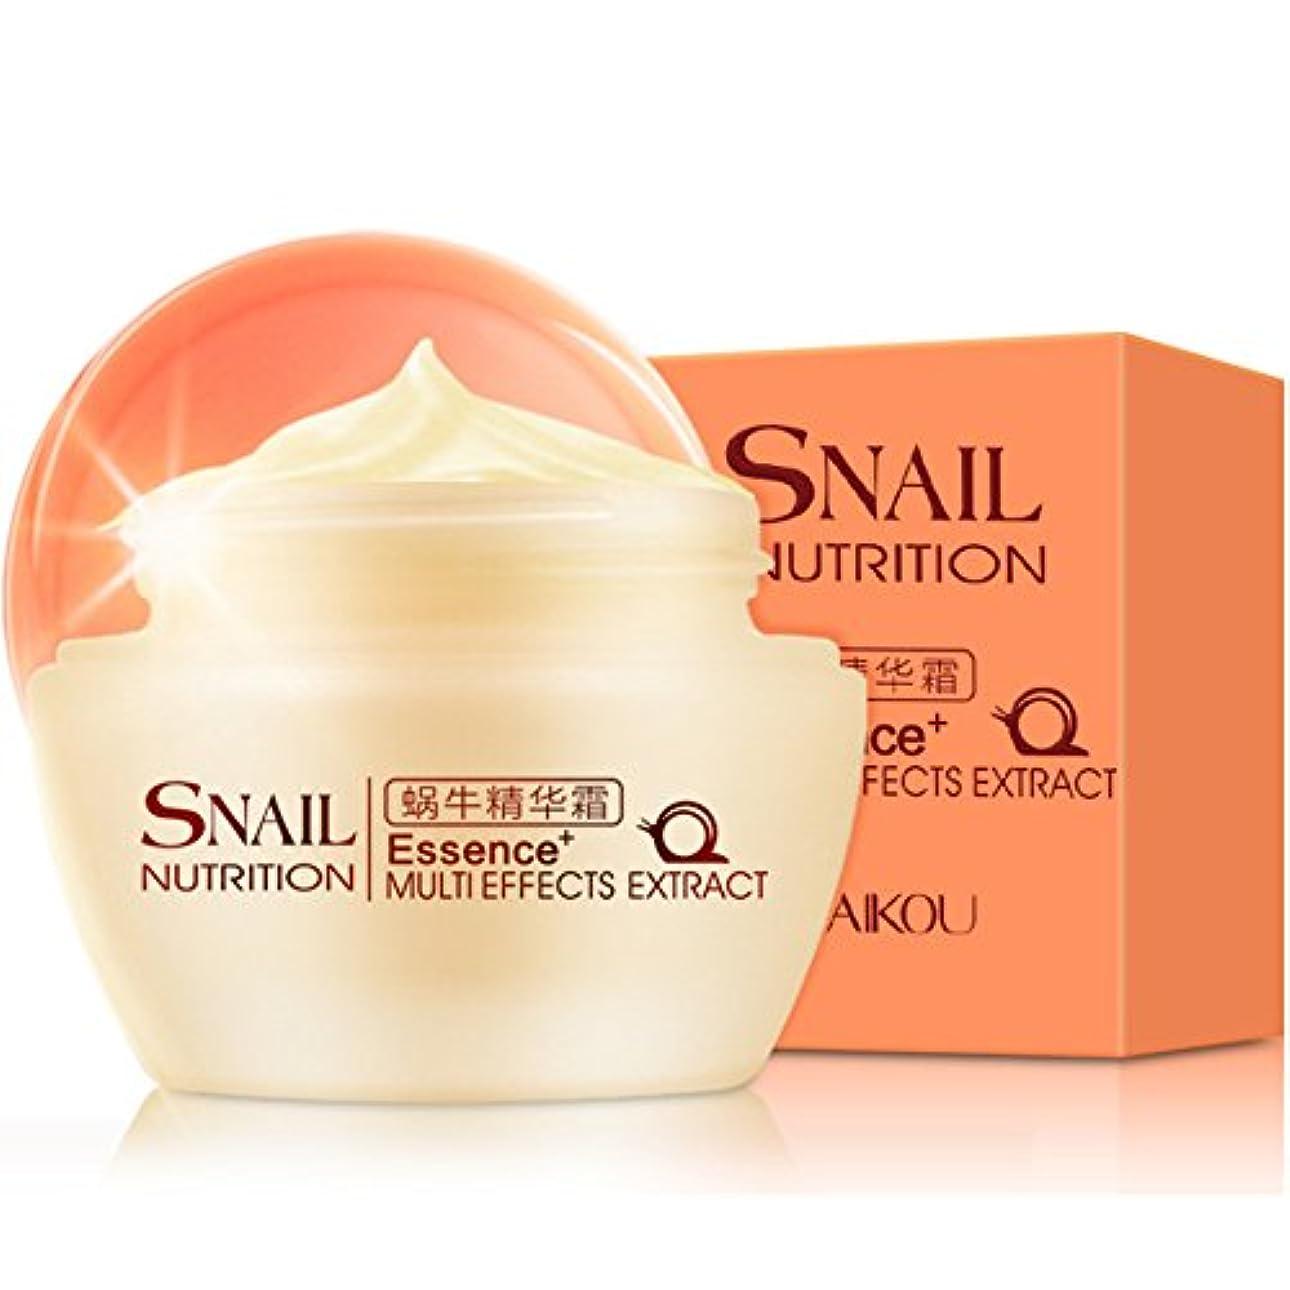 密膨らませる成り立つカタツムリエキス ヒアルロン酸ビューティフェイスクリームフェイスケアホワイトニングモイスチャライジングフェイシャルスキン化粧品。